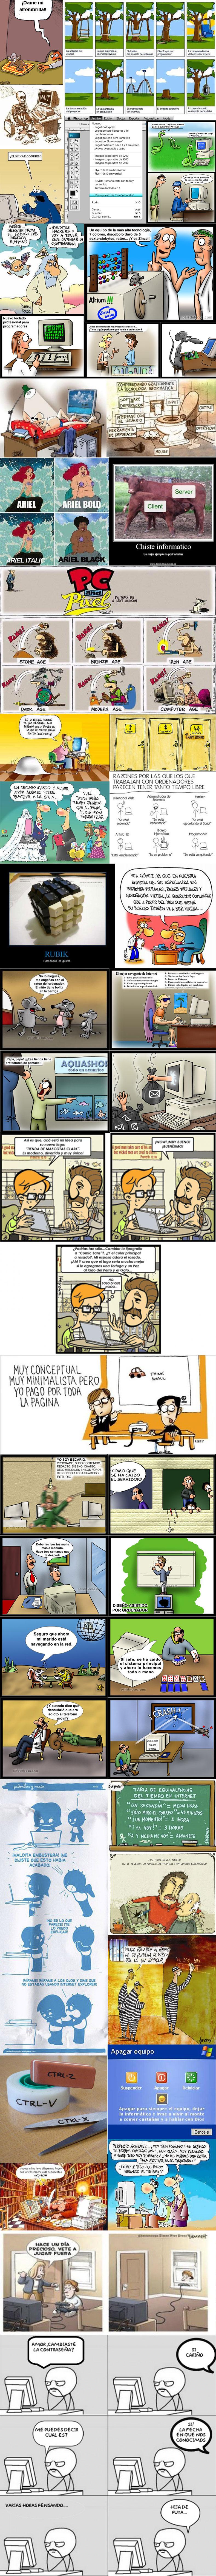 memes-informatico-disenador-desarrollador-web